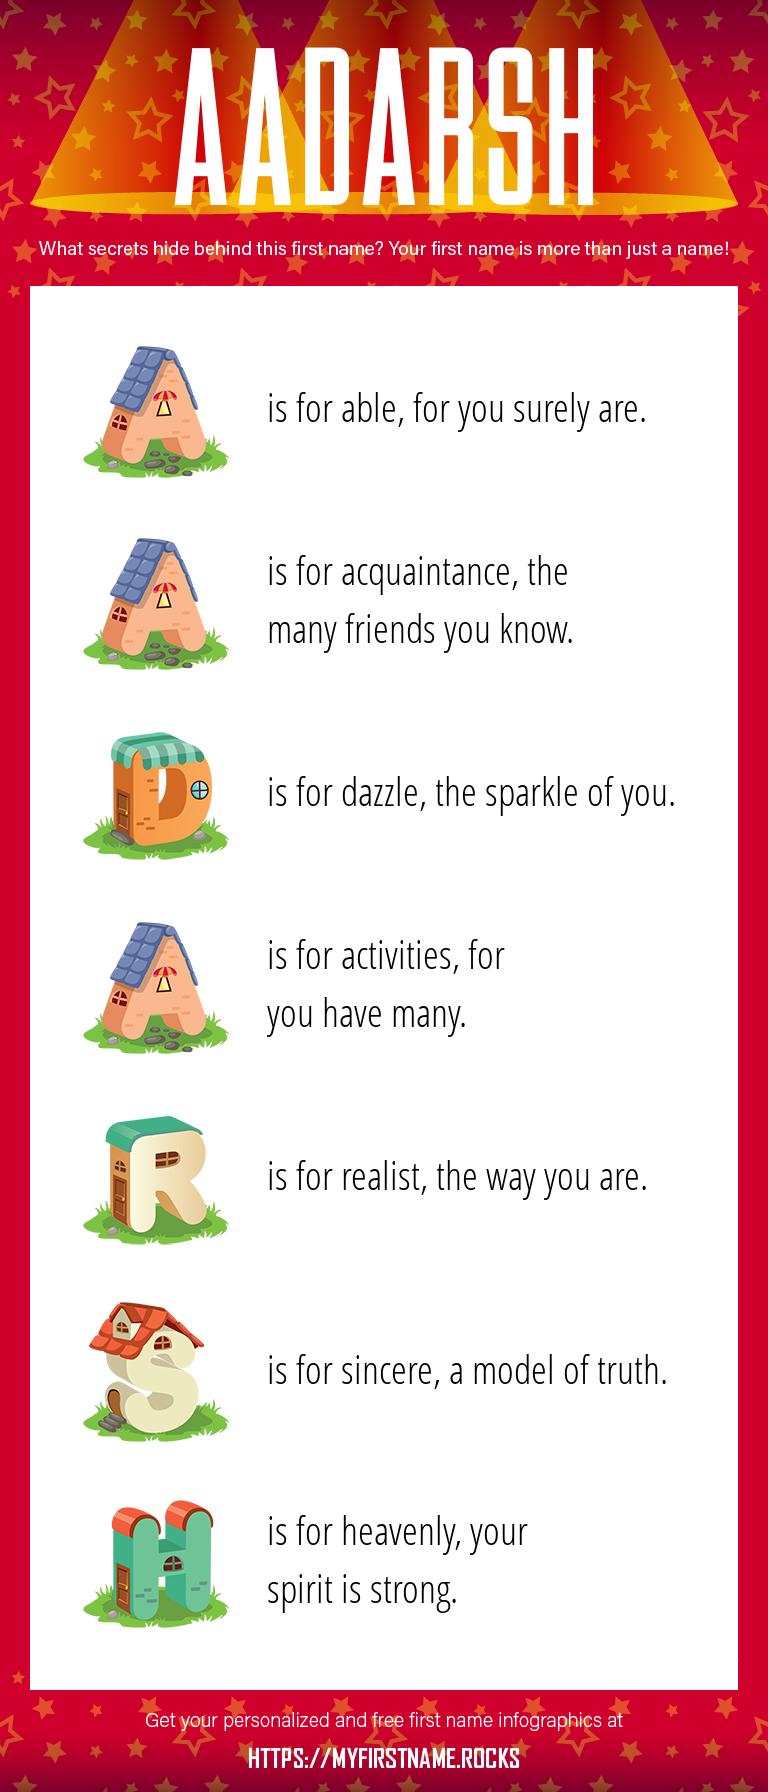 Aadarsh Infographics